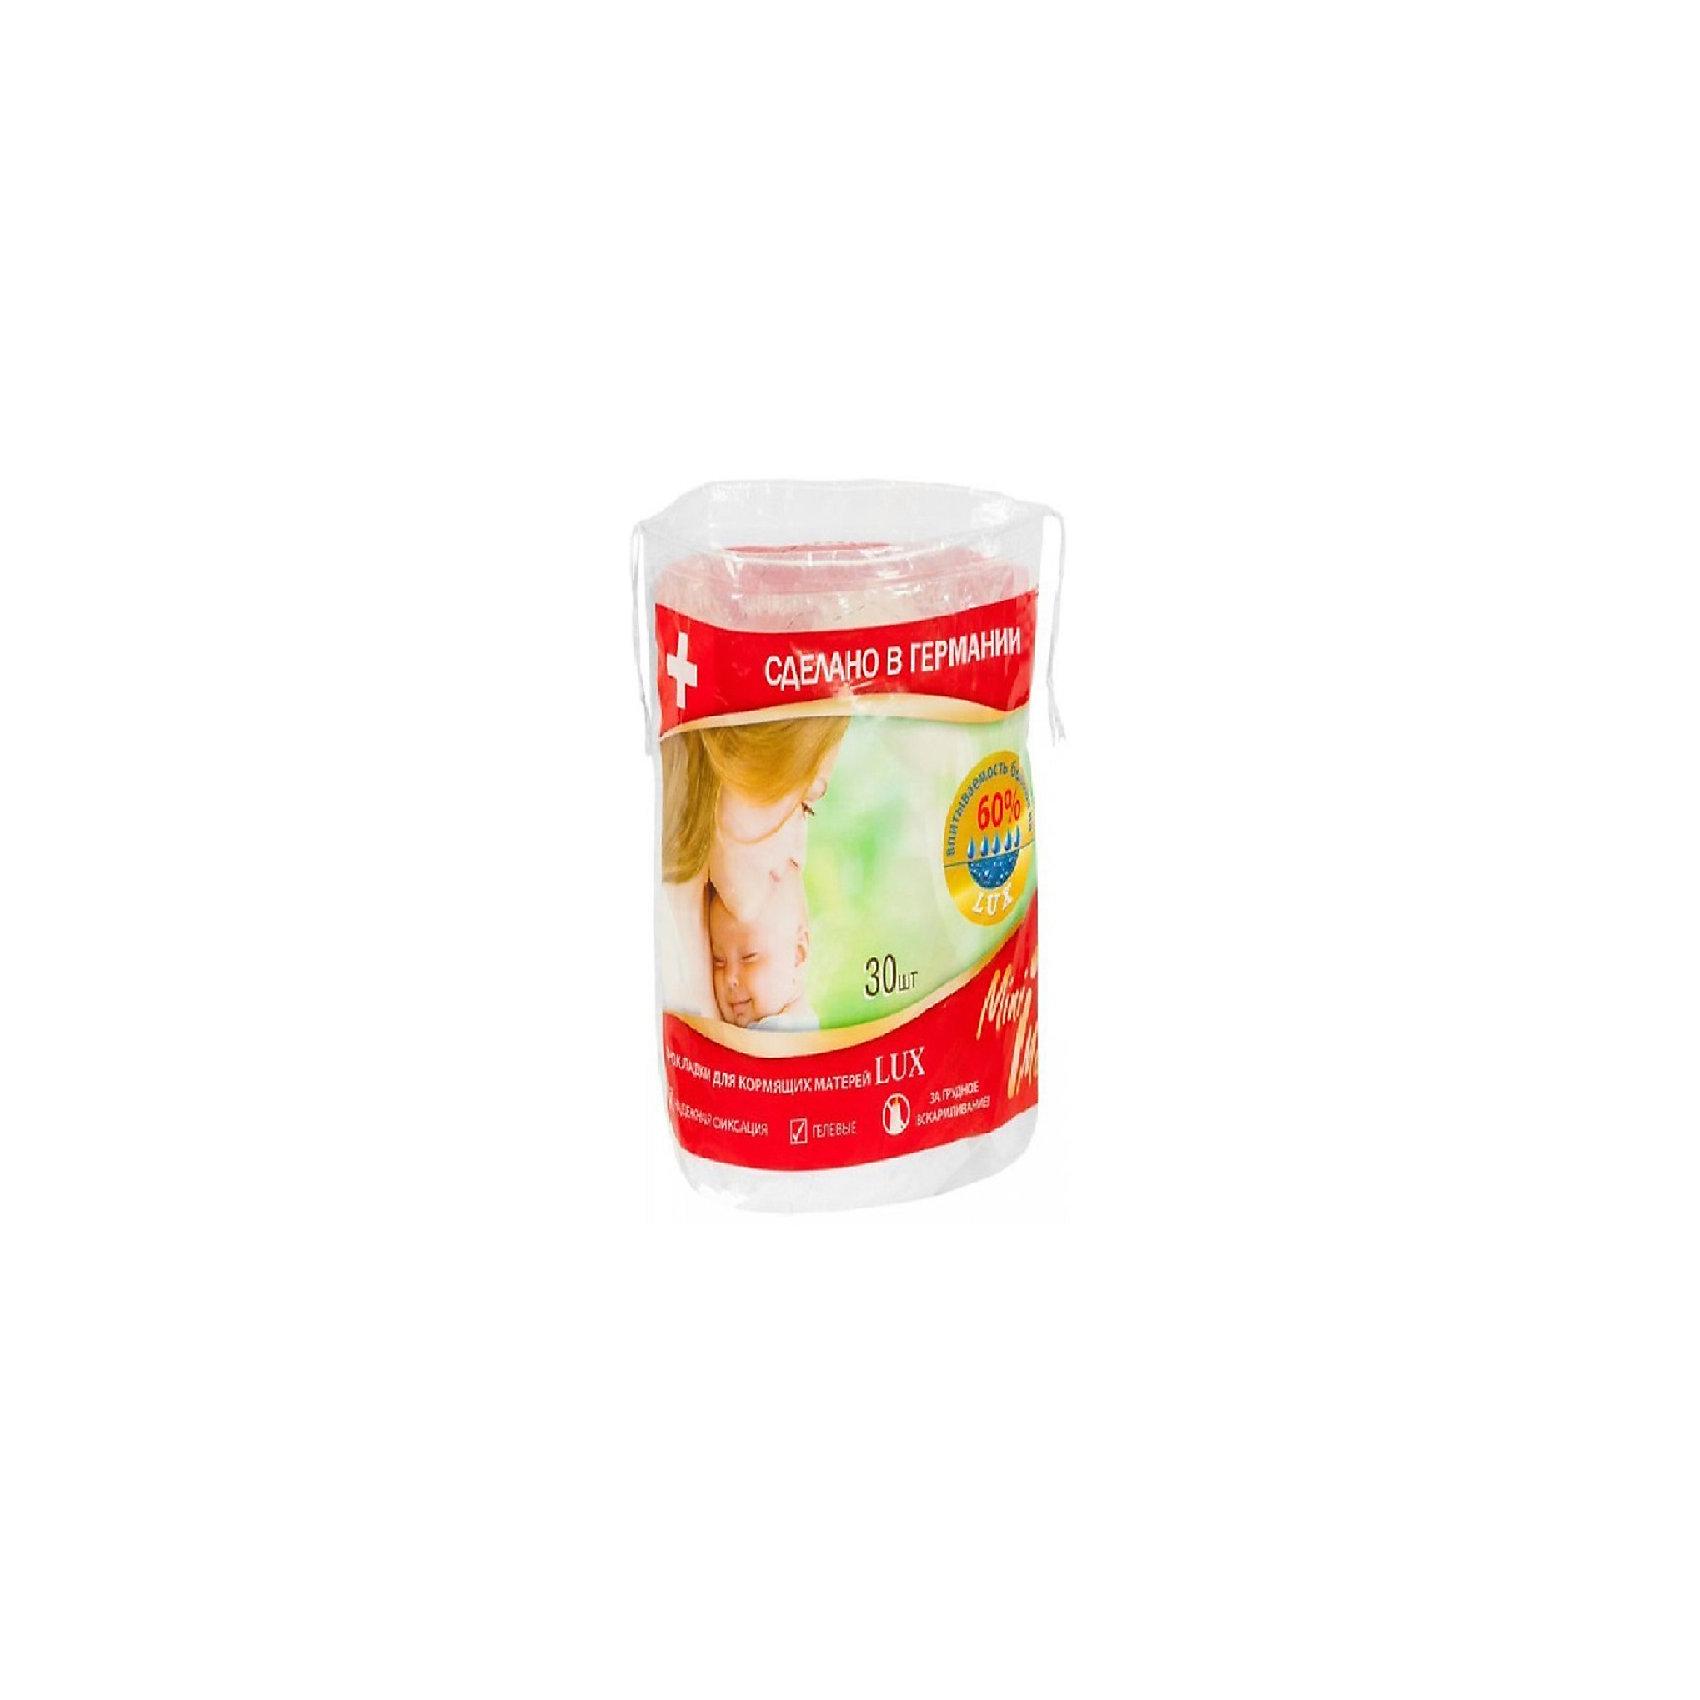 Прокладки для кормящих матерей ЛЮКС гелевые 30 шт., MiniMaxНакладки на грудь<br>Мягкие прокладки для груди с выемкой для соска защищают нижнее белье от намокания, впитывают и абсорбируют подтекшее грудное молоко и выделения. Тонкие прокладки позволяют сохранить кожу груди сухой между кормлениями. <br><br>Дополнительная информация:<br><br>Материал: 100% хлопок, целлюлоза, гелевый суперабсорбент<br>Количество в упаковке: 30 штук<br><br>Прокладки для кормящих матерей ЛЮКС гелевые 30 шт., MiniMax можно купить в нашем интернет-магазине.<br><br>Ширина мм: 300<br>Глубина мм: 100<br>Высота мм: 50<br>Вес г: 500<br>Возраст от месяцев: 216<br>Возраст до месяцев: 600<br>Пол: Женский<br>Возраст: Детский<br>SKU: 5008340